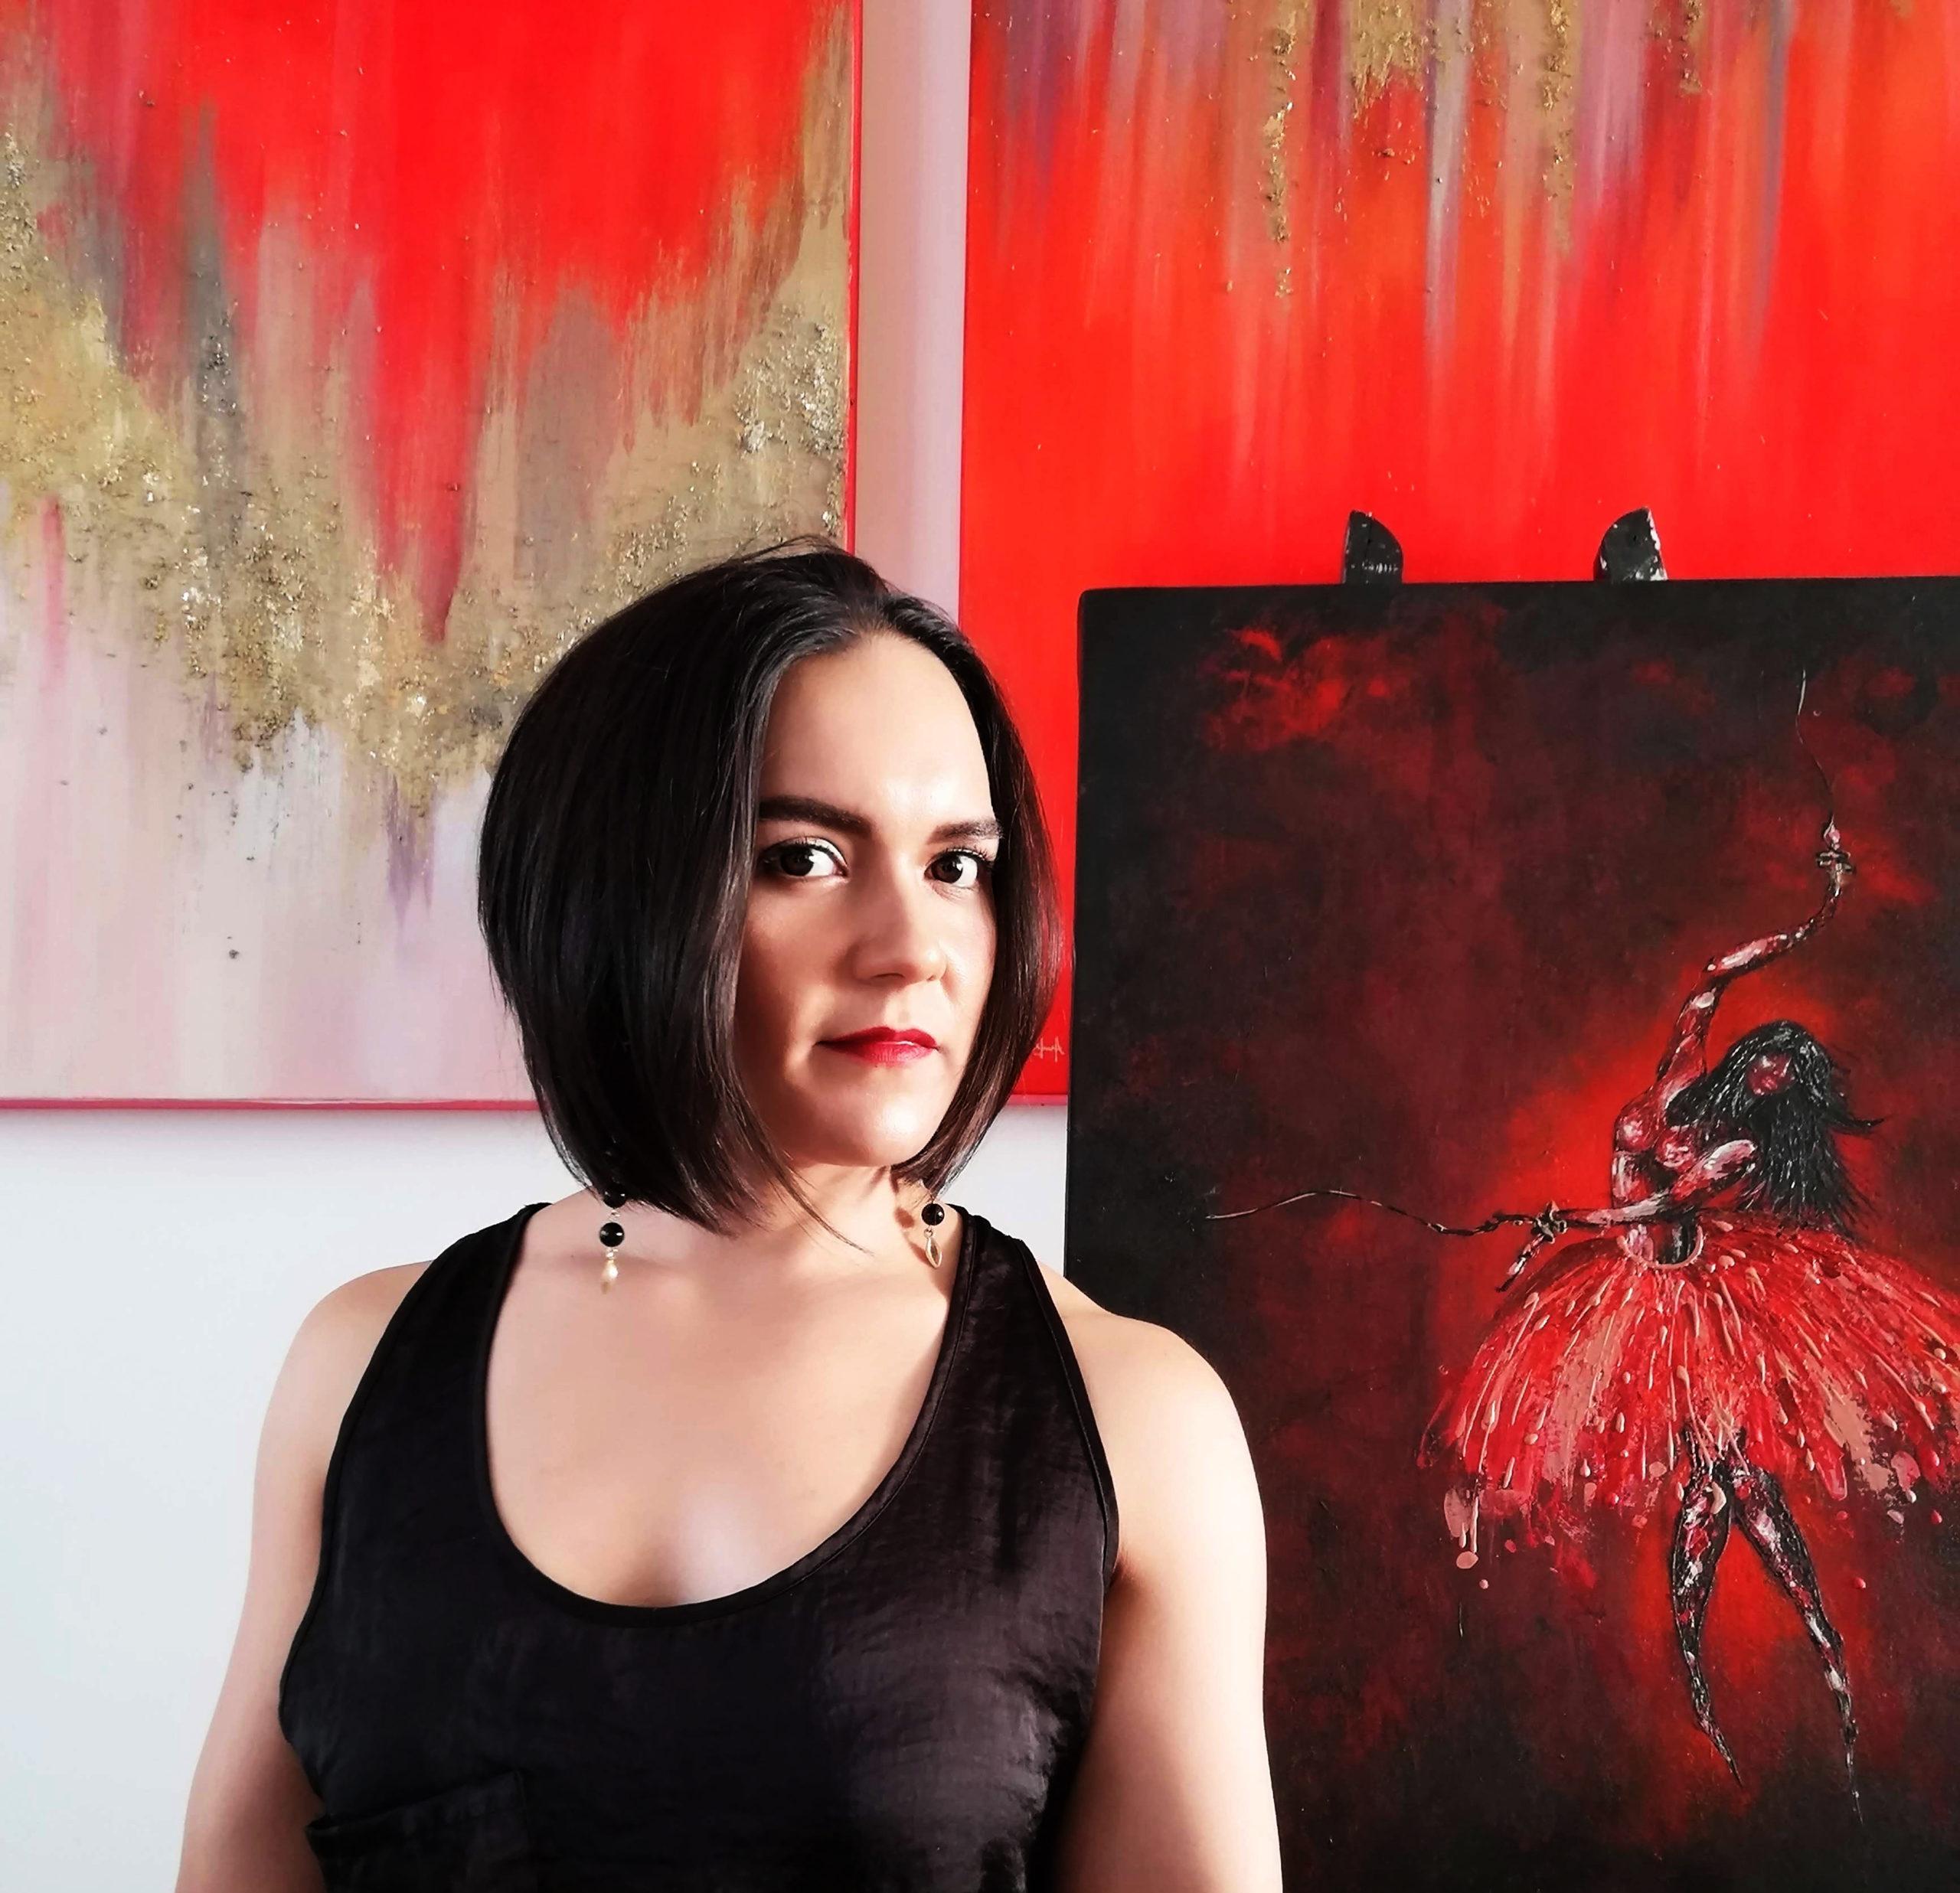 Andrea Arreguín Bribiesca